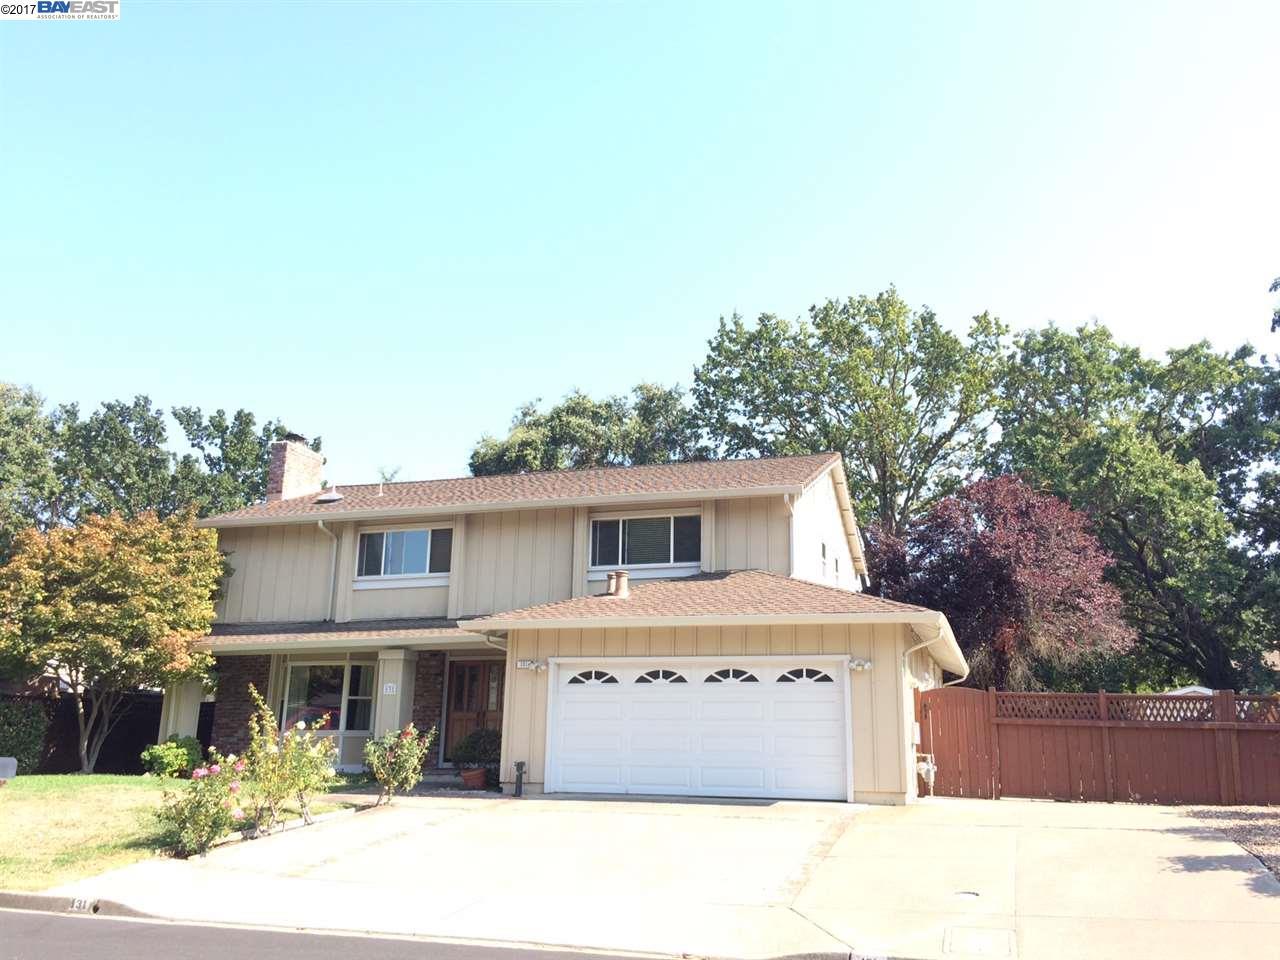 Casa Unifamiliar por un Alquiler en 131 CAMROSE Place 131 CAMROSE Place Walnut Creek, California 94596 Estados Unidos